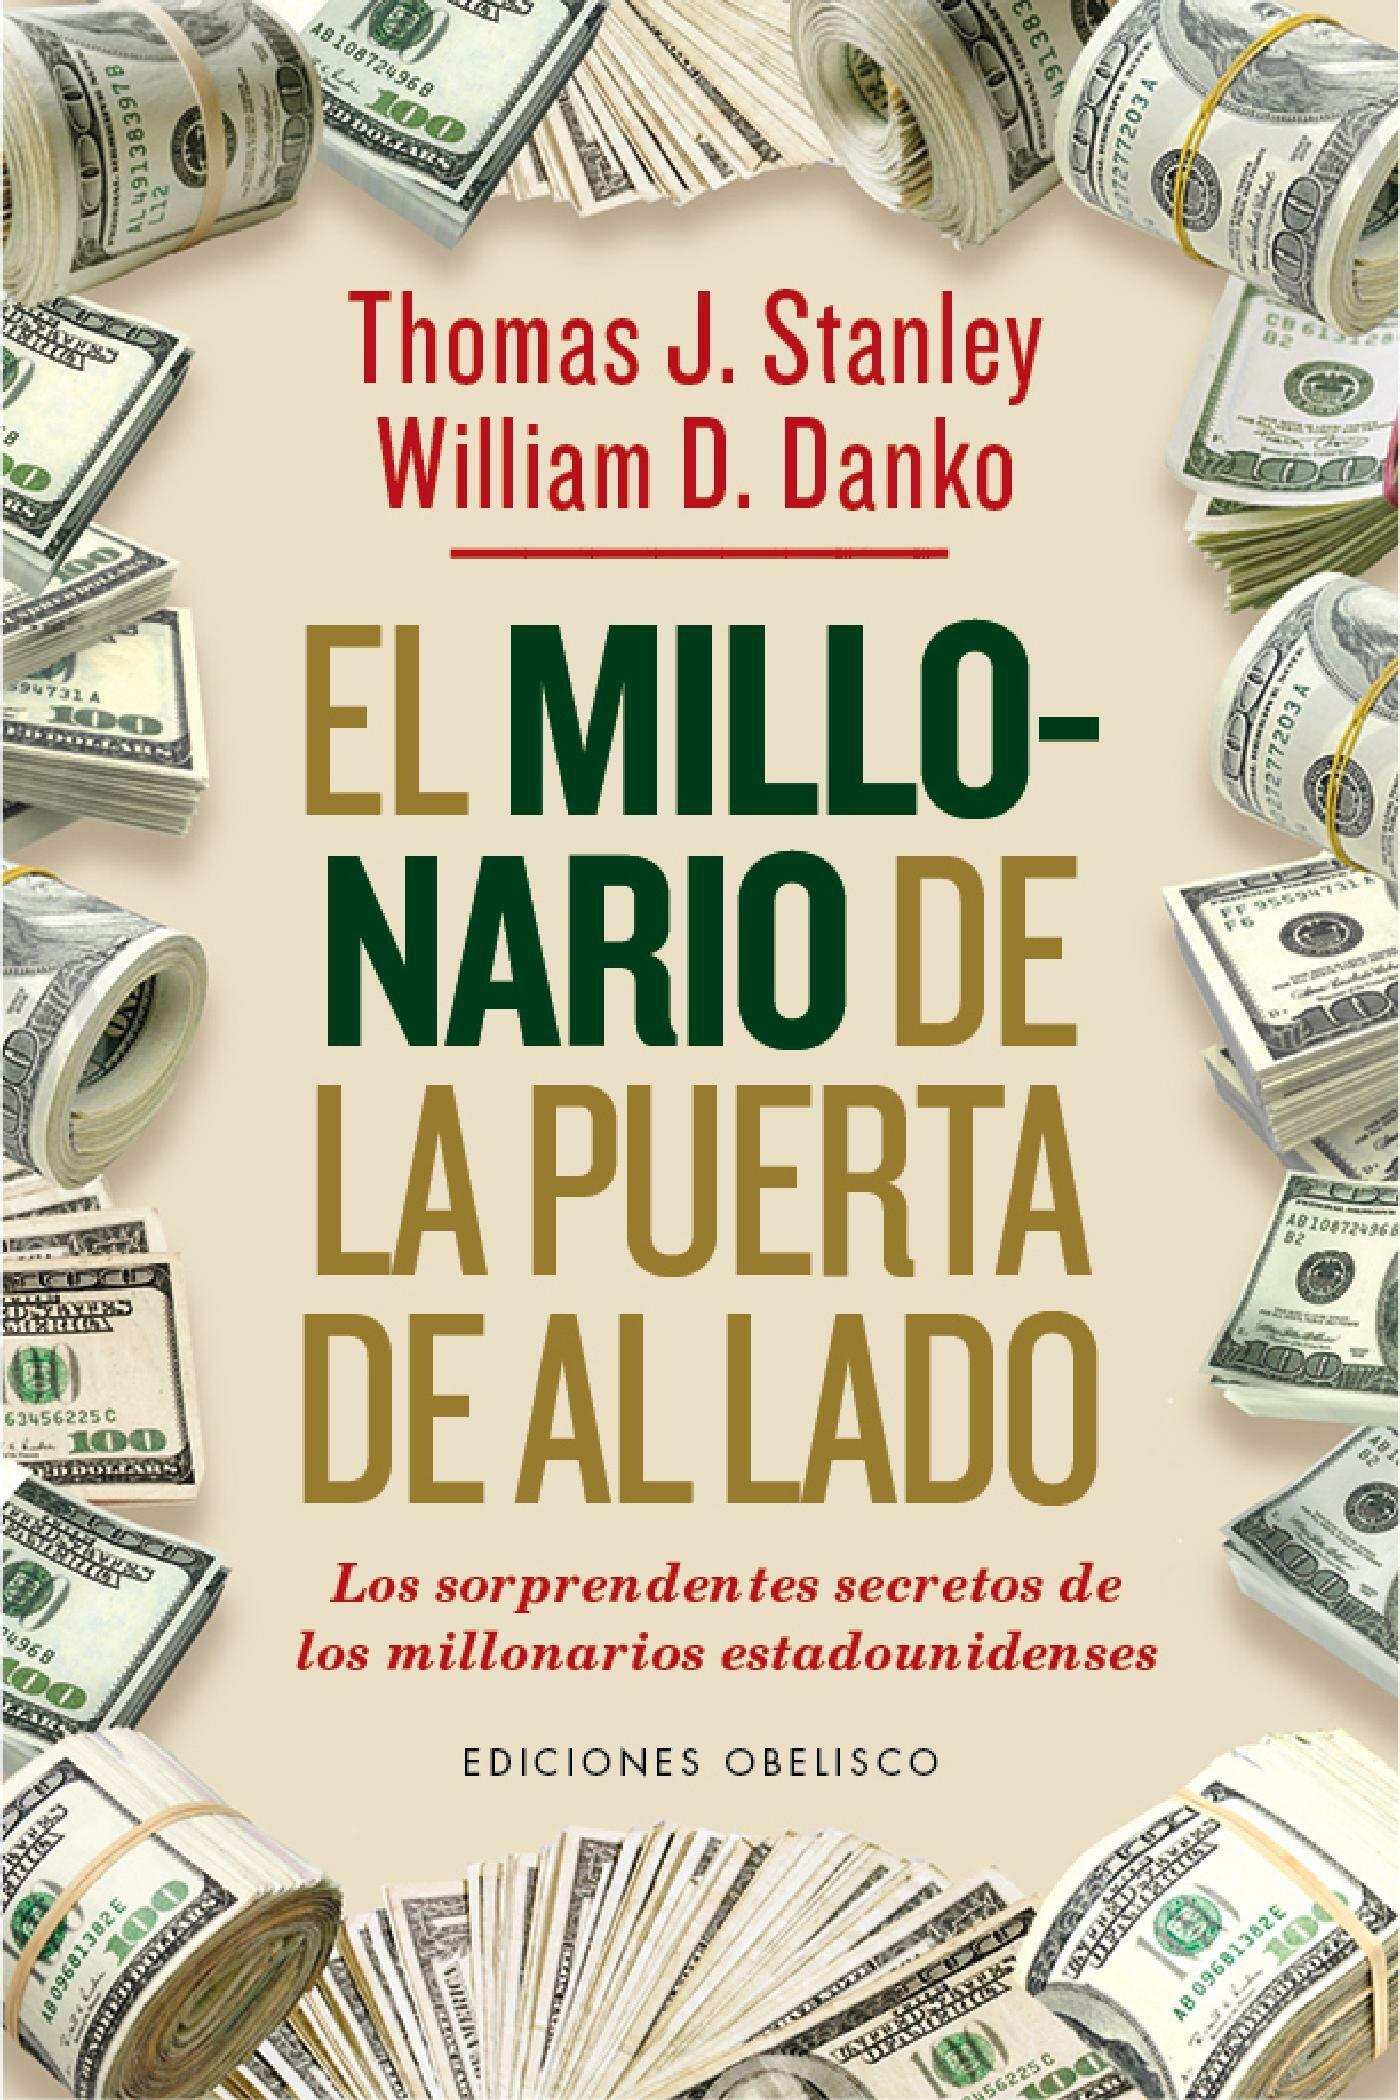 EL MILLONARIO DE LA PUERTA DE AL LADO EBOOK | THOMAS J ...